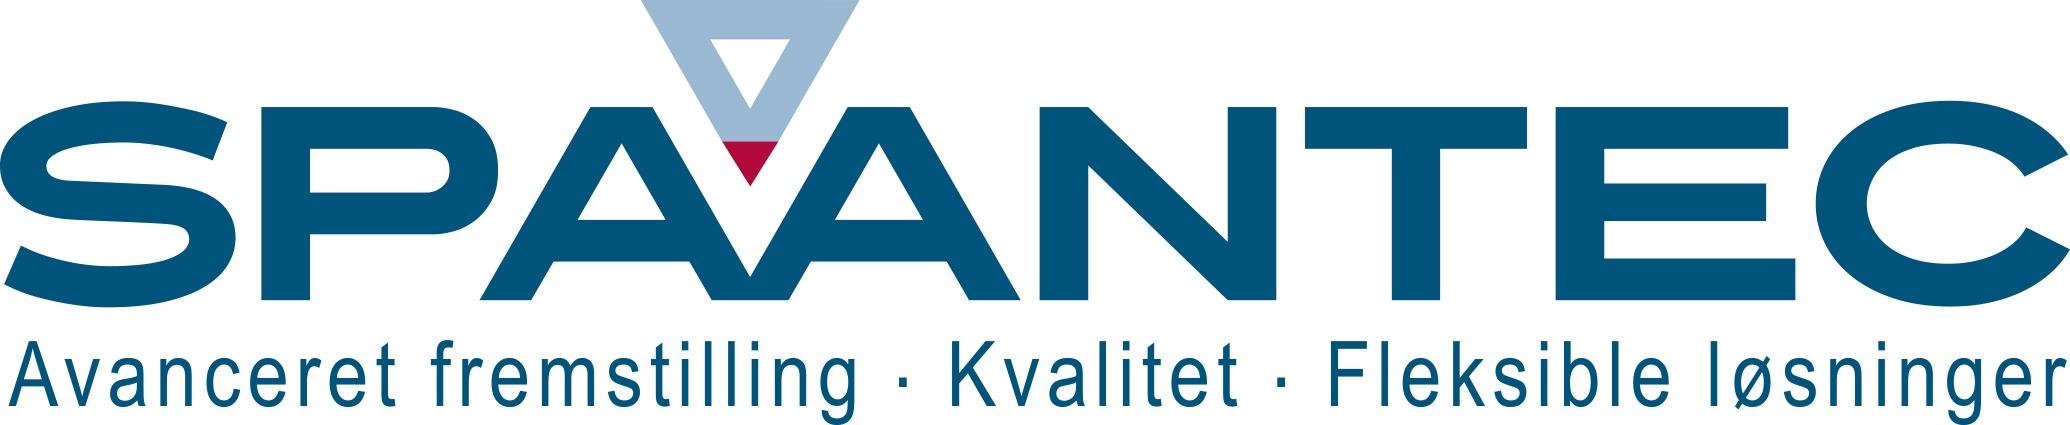 Spaantec Logo